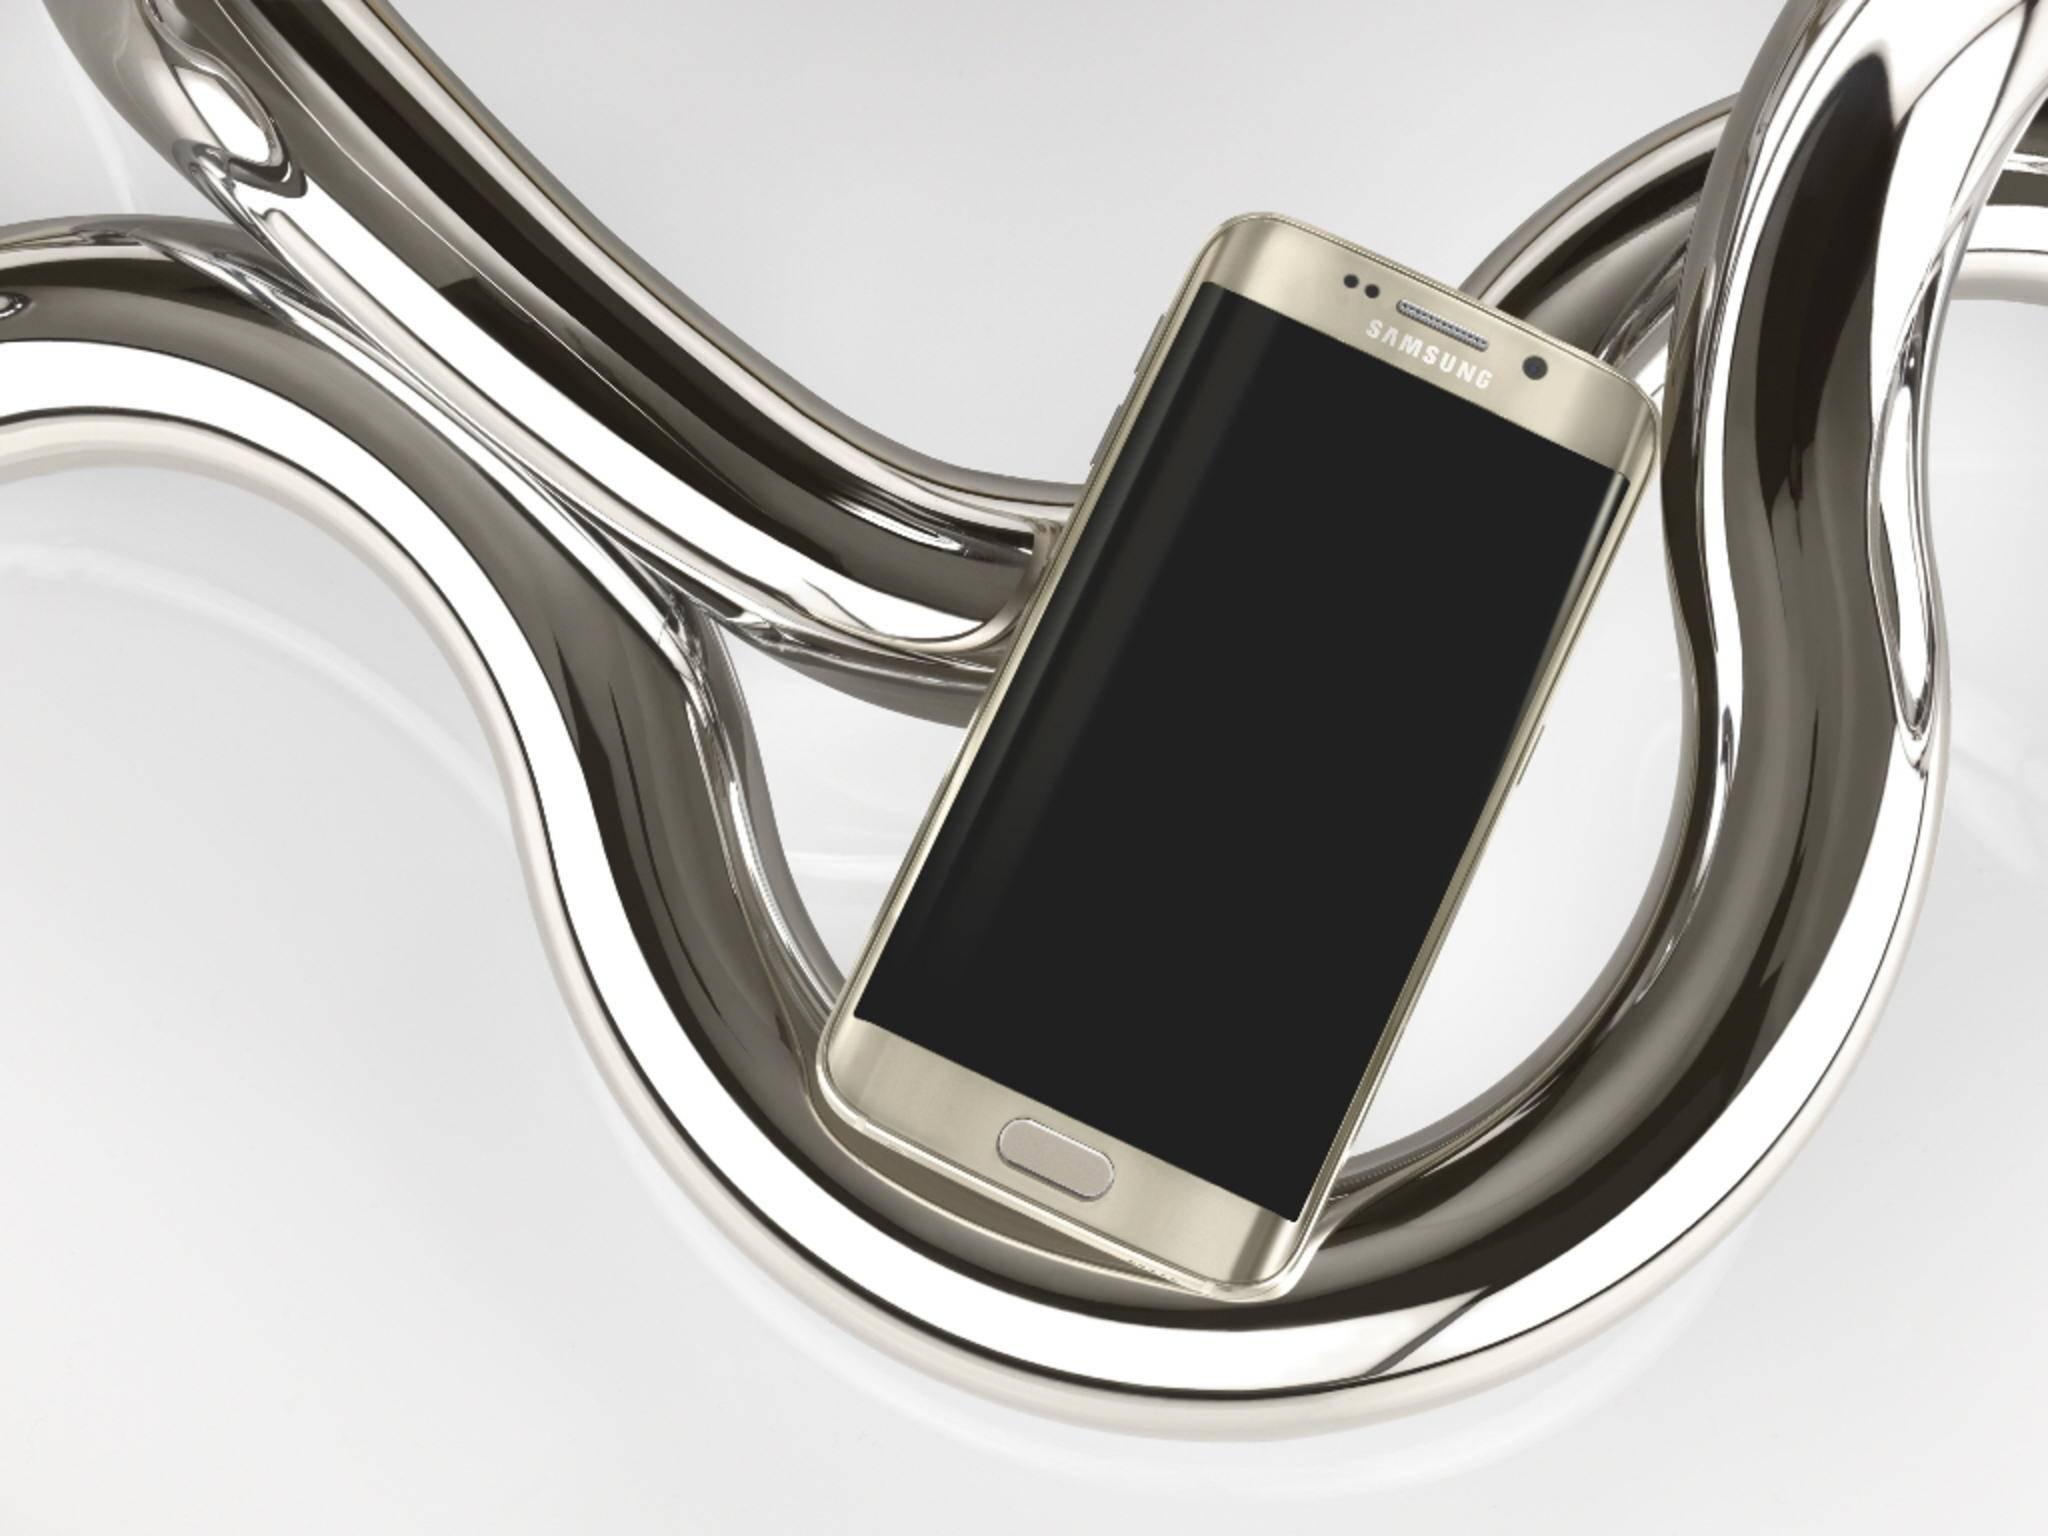 Samsung könnte schon mit dem Arbeiten an einem neuen Galaxy S7 begonnen haben.